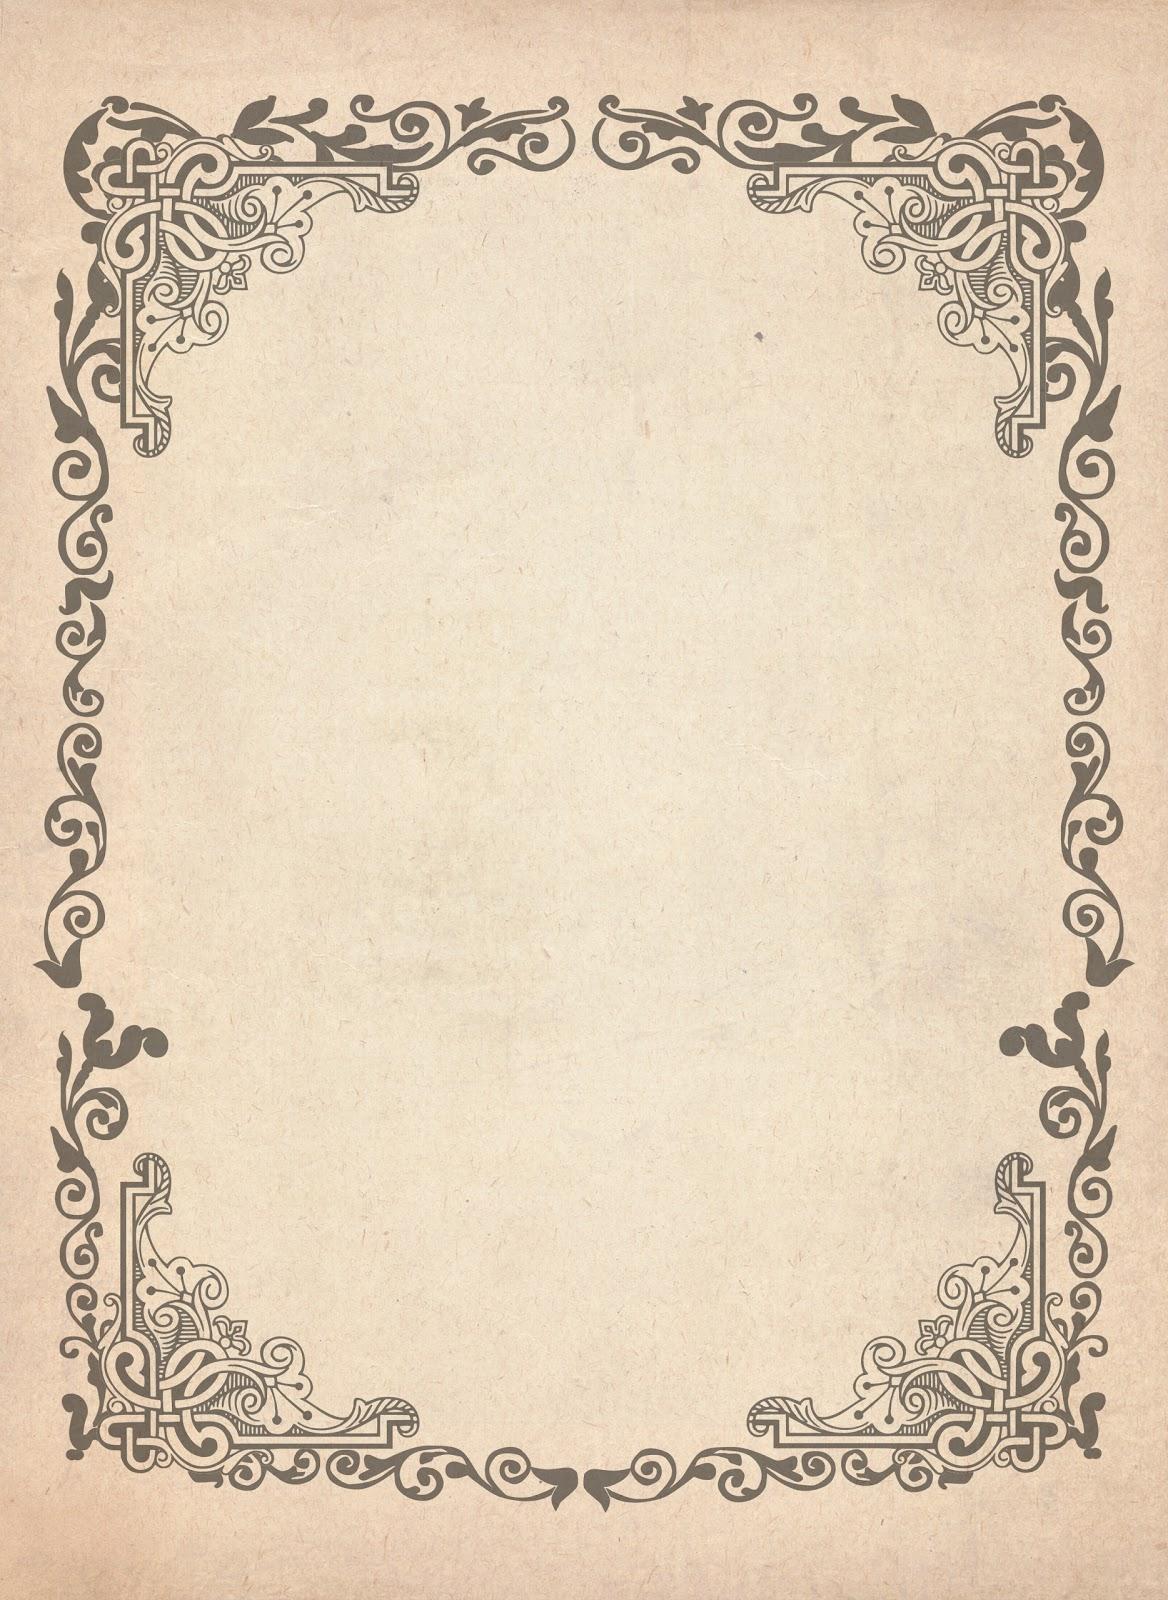 Papiers peints de l'éditeur anglais Osborne & Little Au Fil